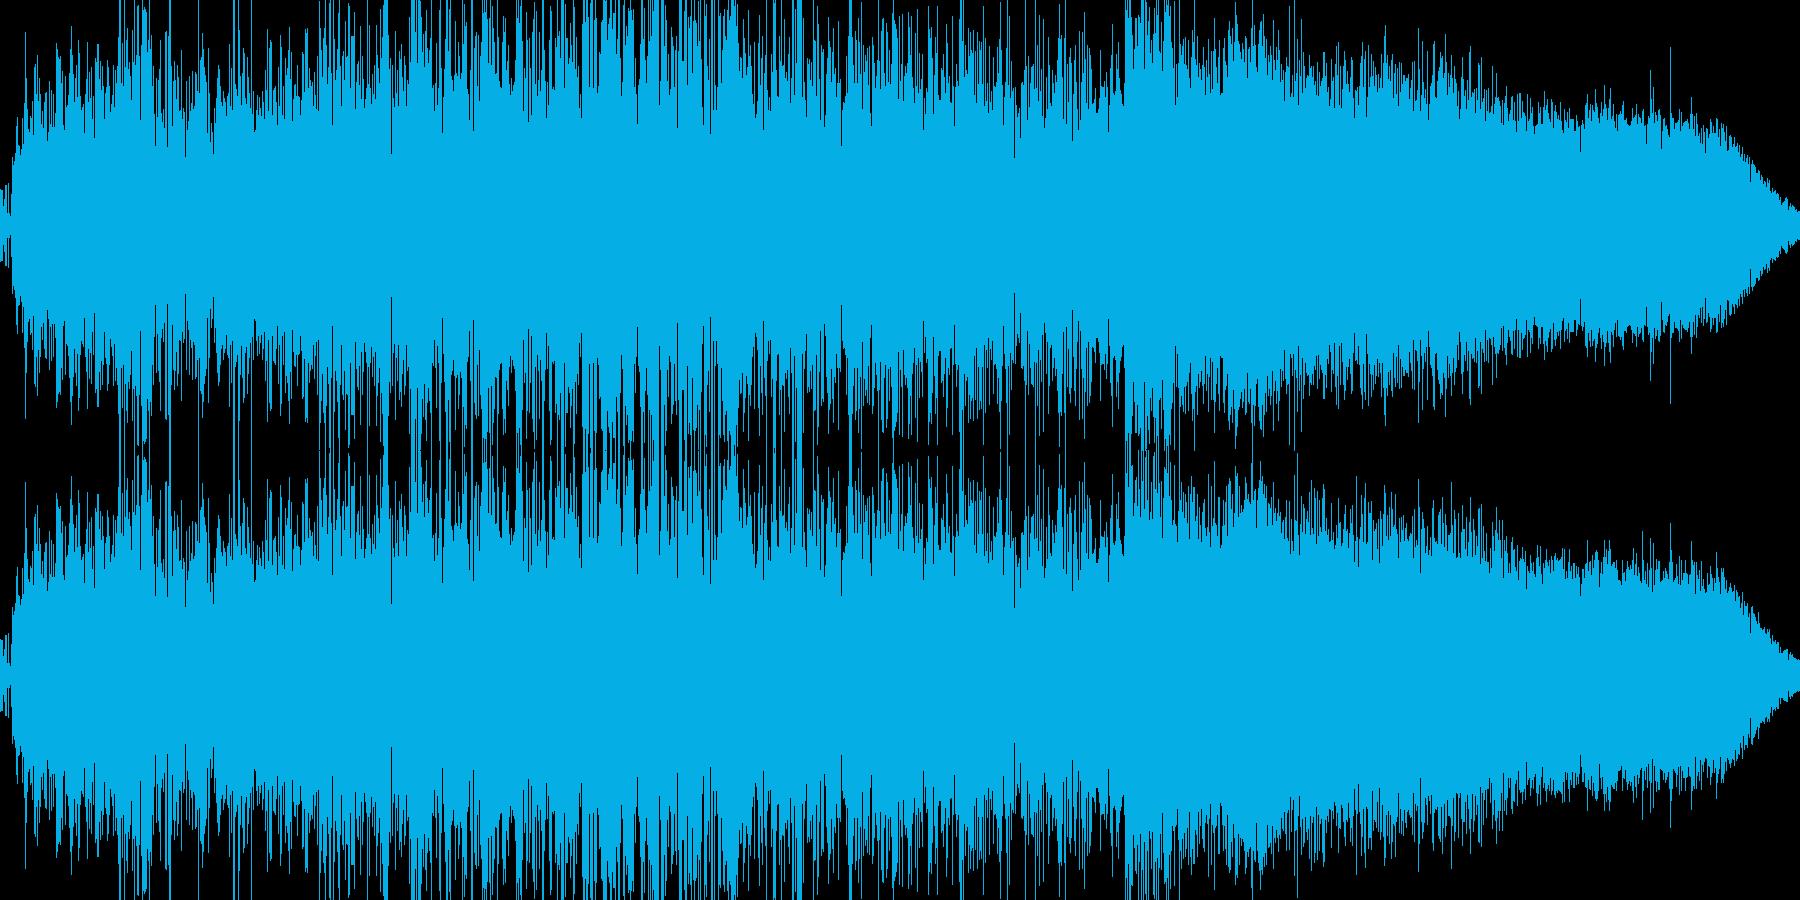 パワーアップ(オーラをまとう)の再生済みの波形